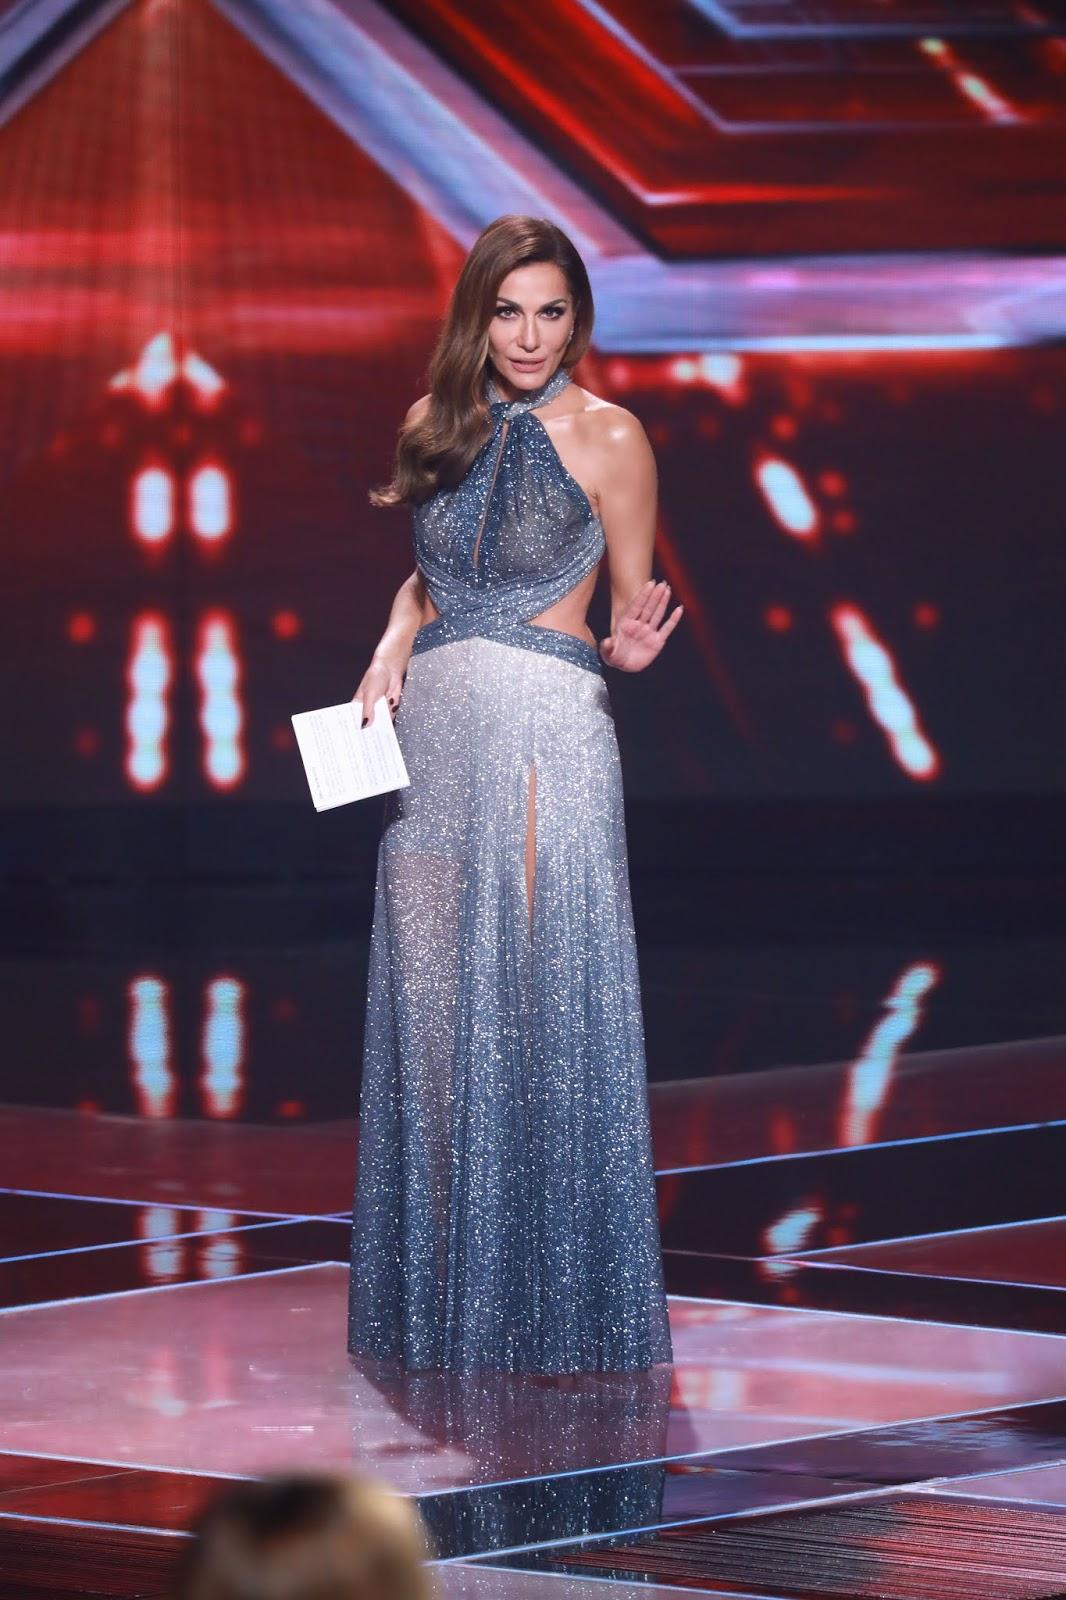 Χ-factor: Η Δέσποινα Βανδή τήρησε την υπόσχεση και κέρασε κουραμπιέδες τους κριτές